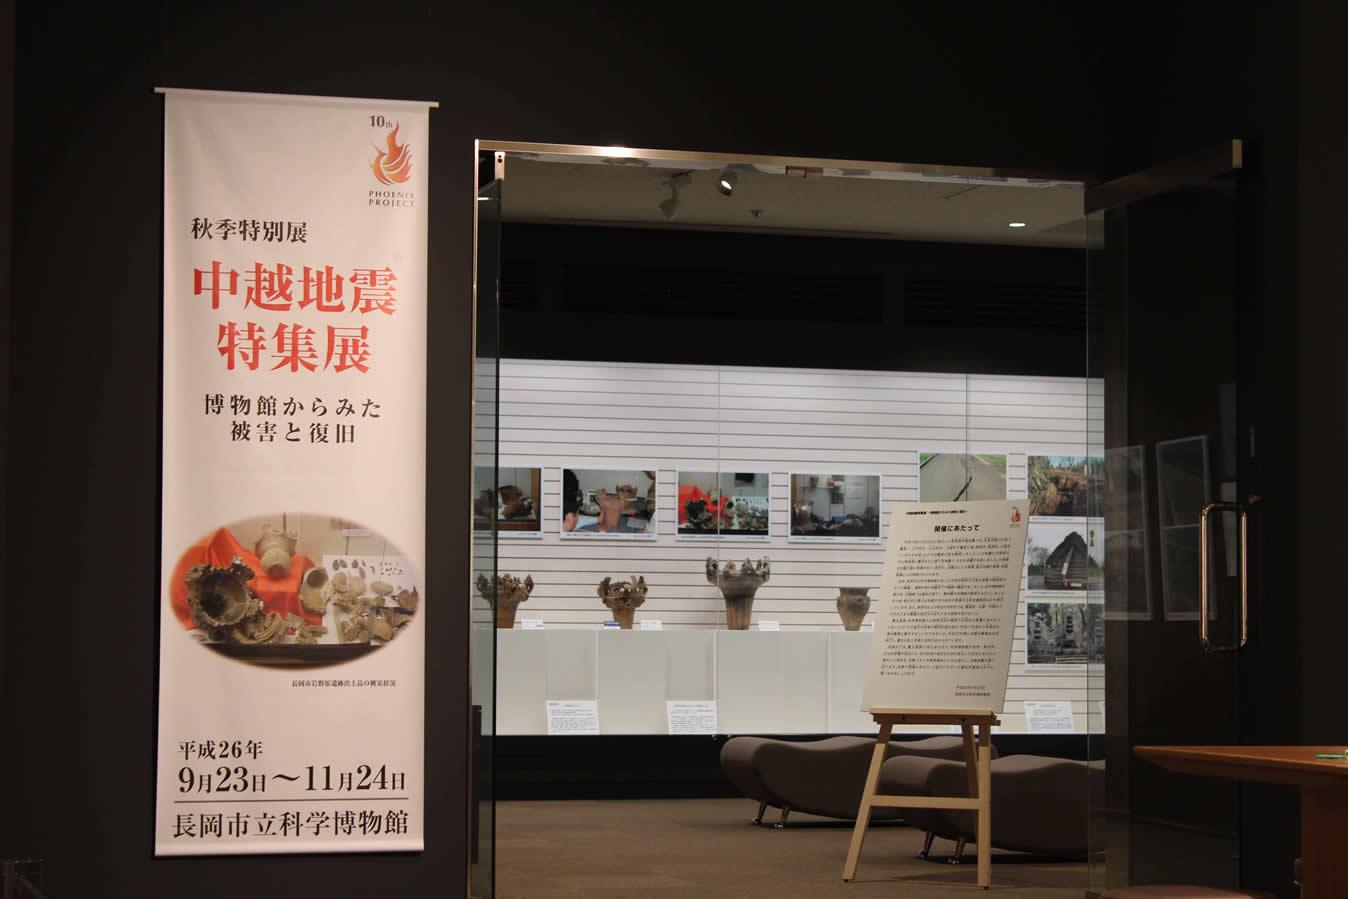 中越地震特集展